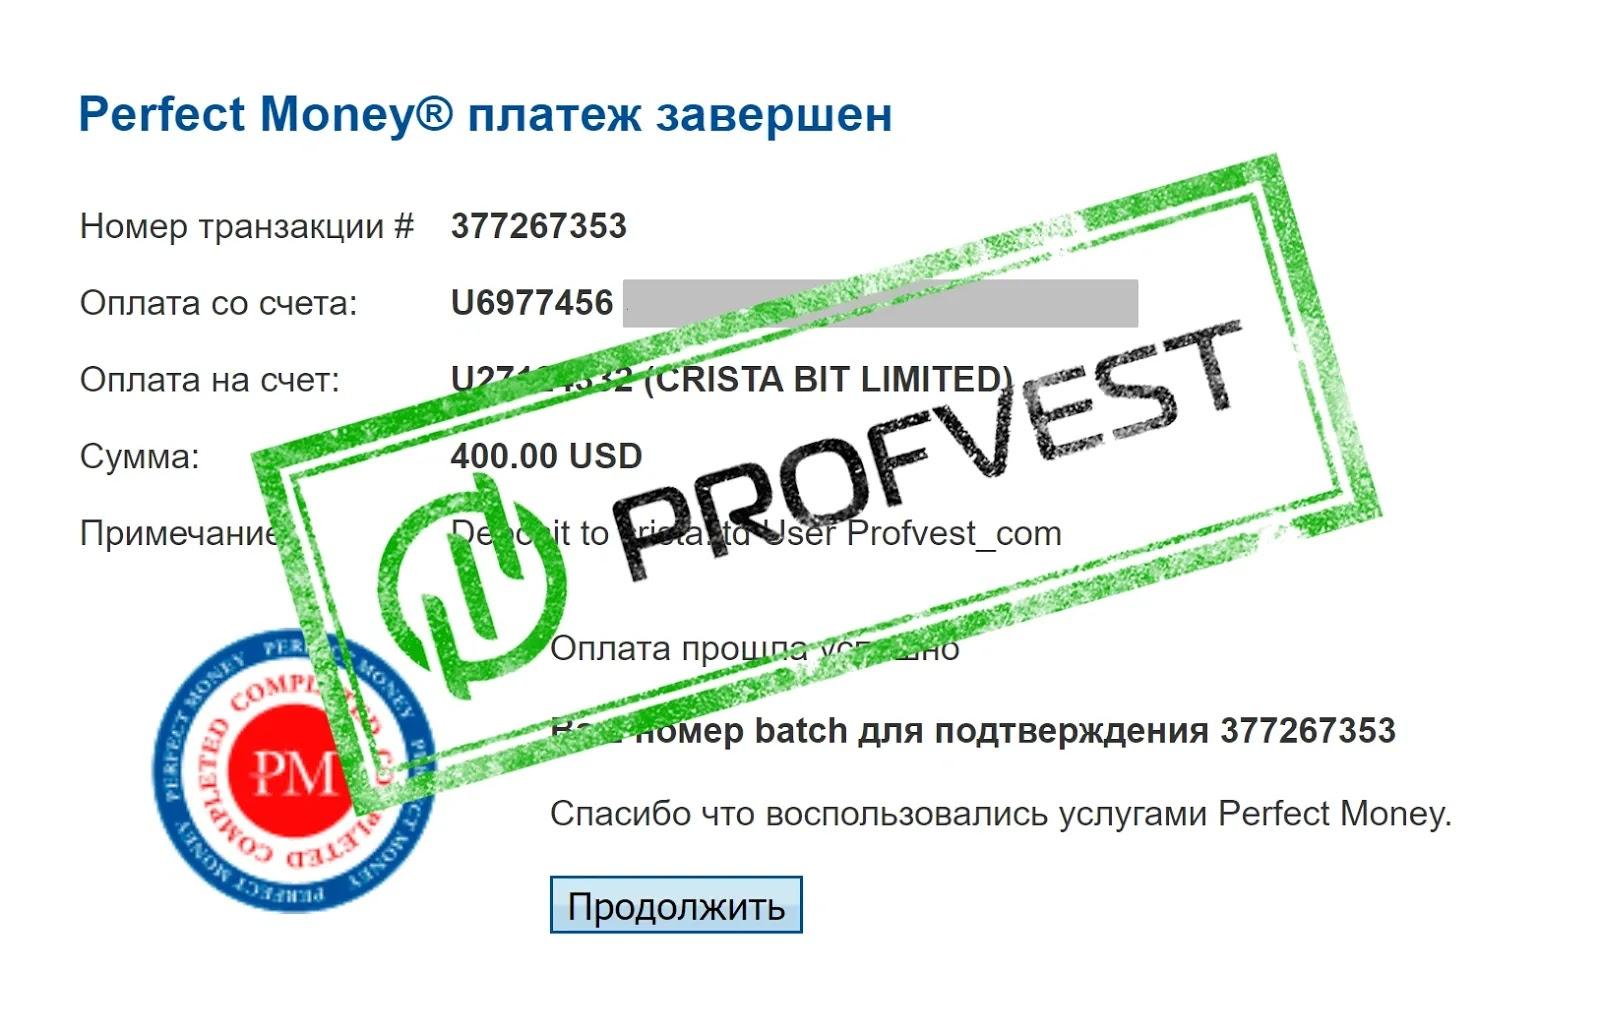 Депозит в Crista Ltd